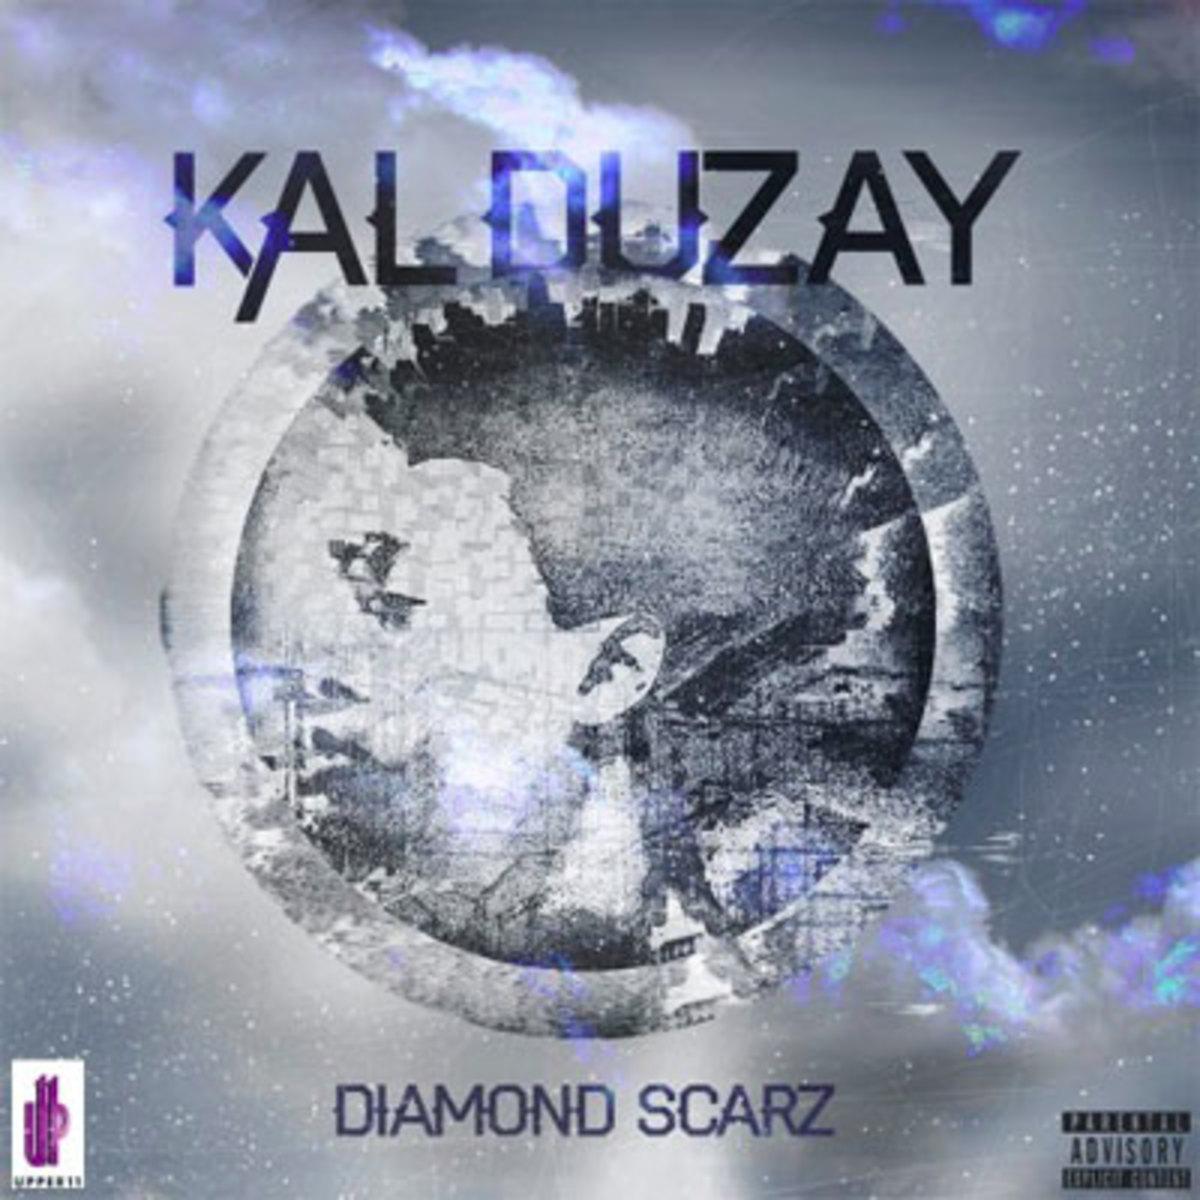 kalduzay-diamondscarz.jpg